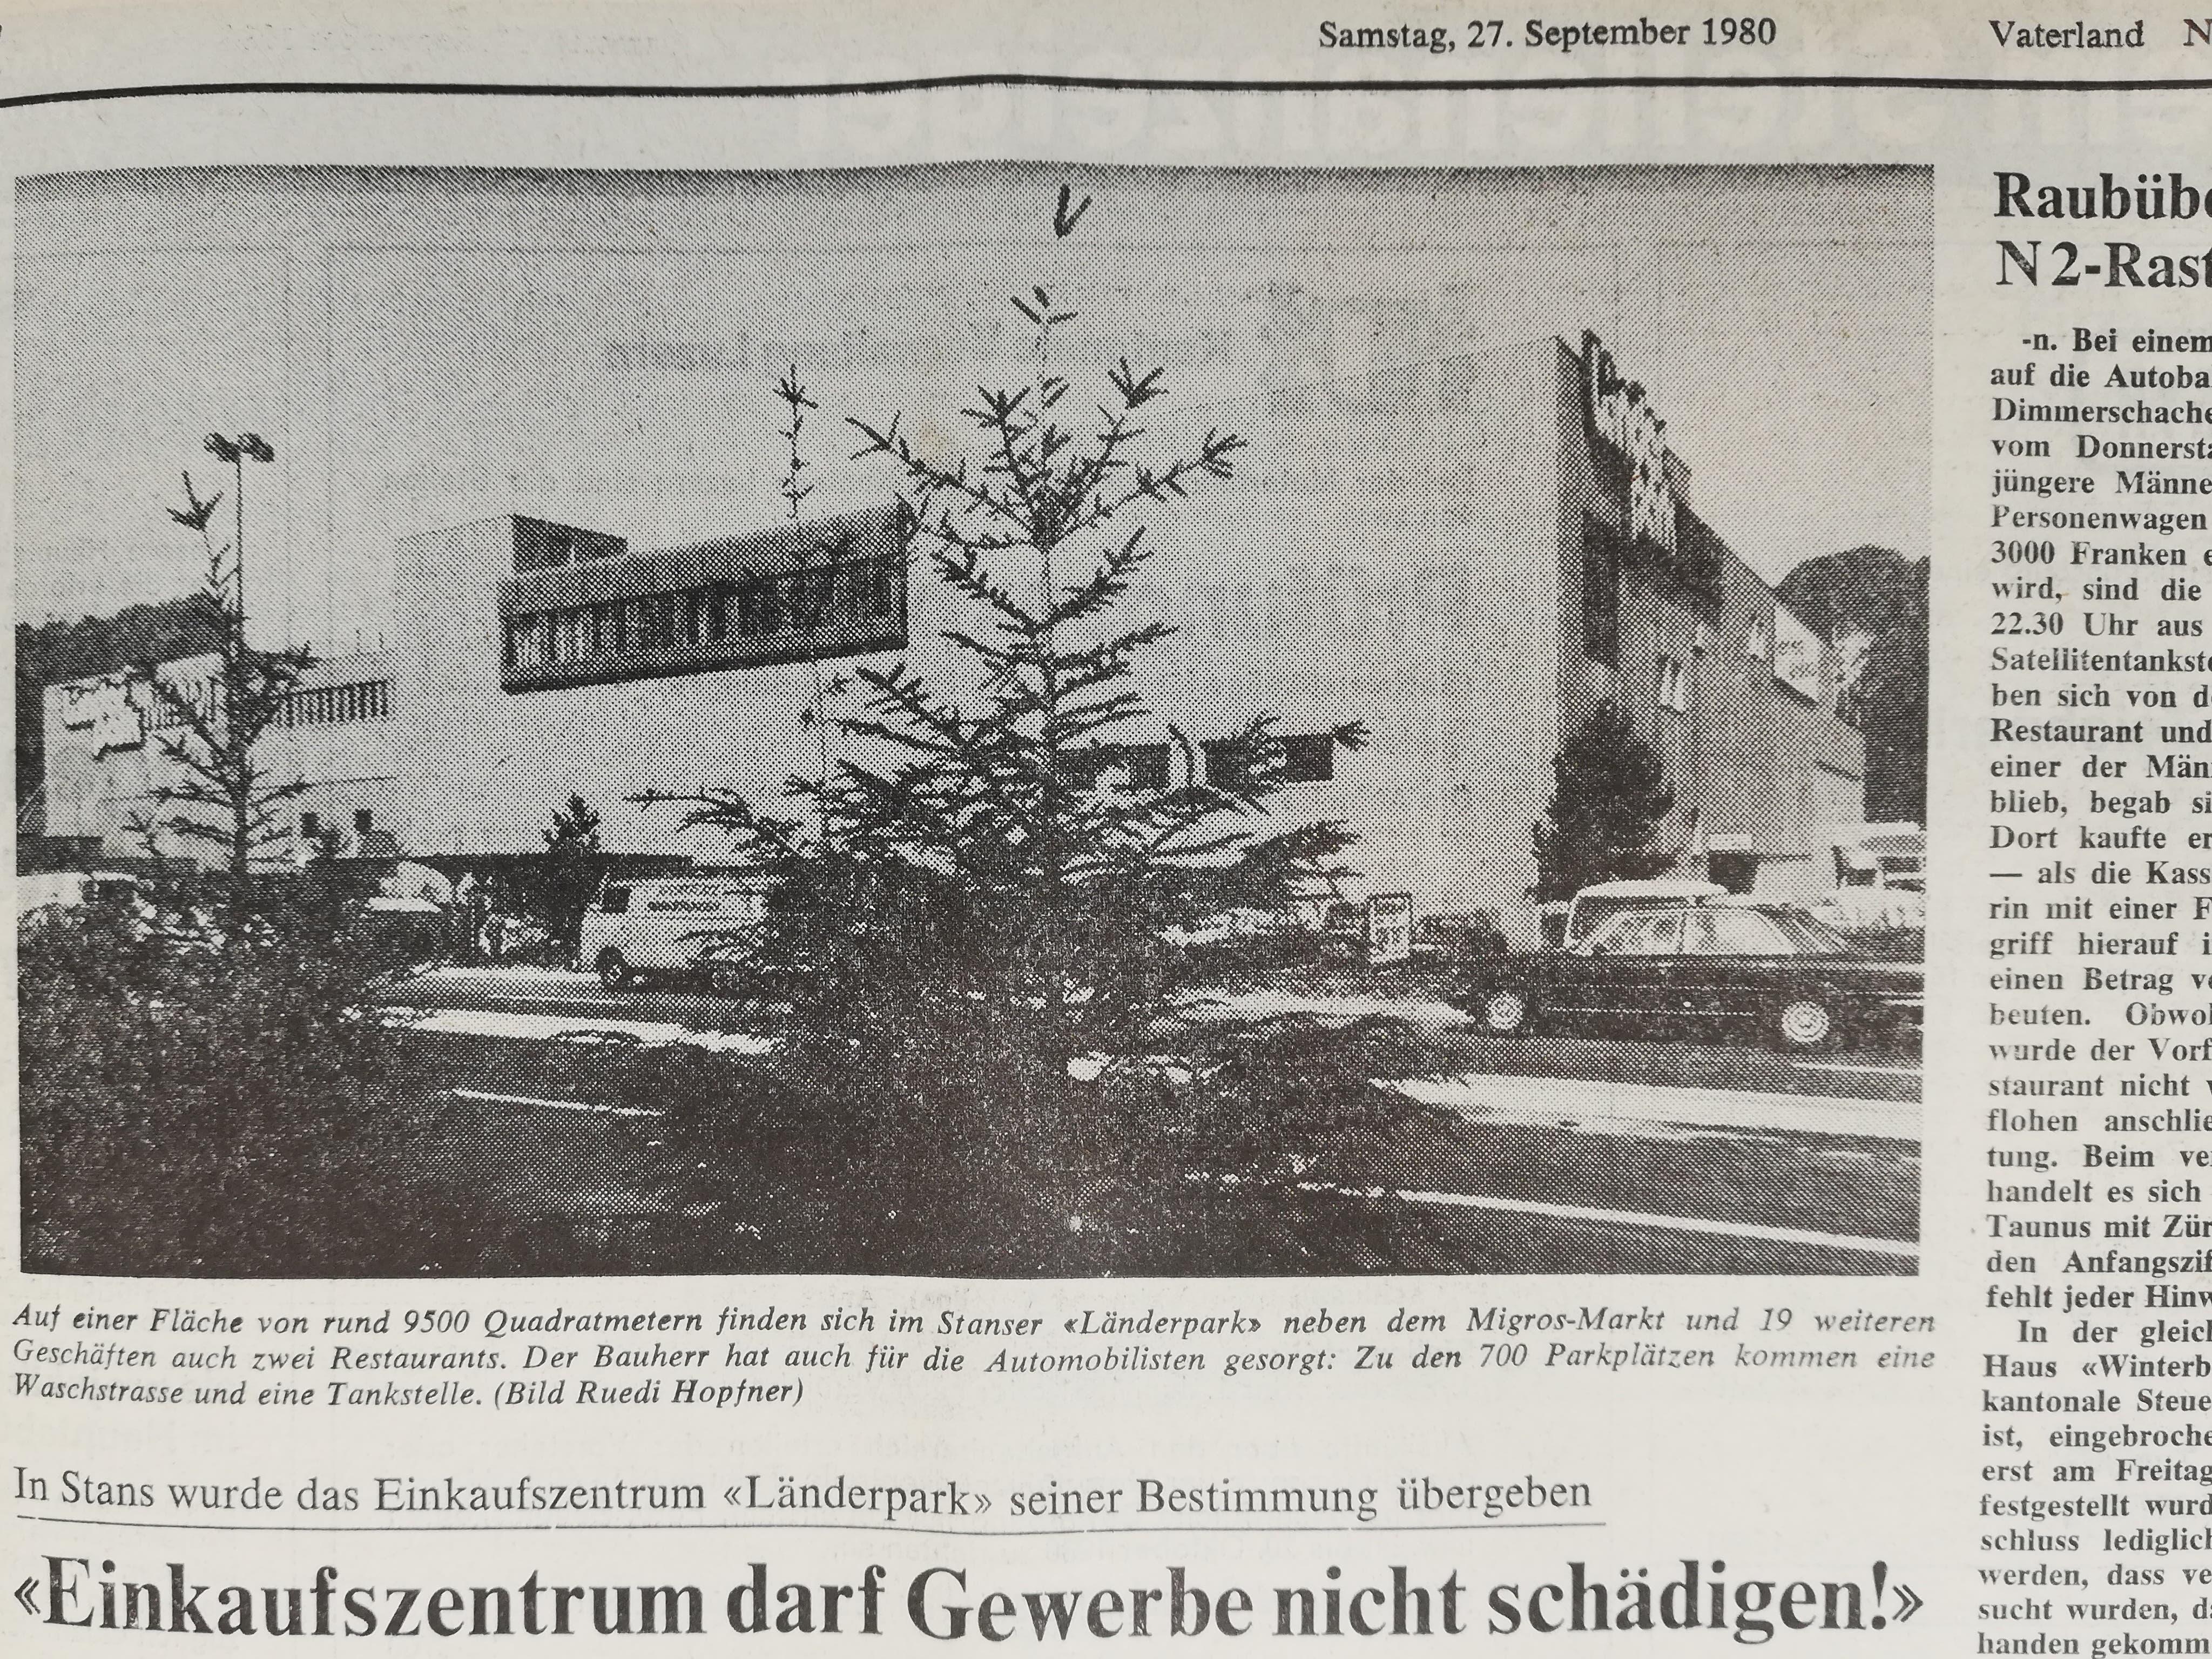 Am 26. September 1980 wurde der Länderpark eröffnet. Auch das «Vaterland» berichtete am Tag darauf über das Einkaufszentrum.